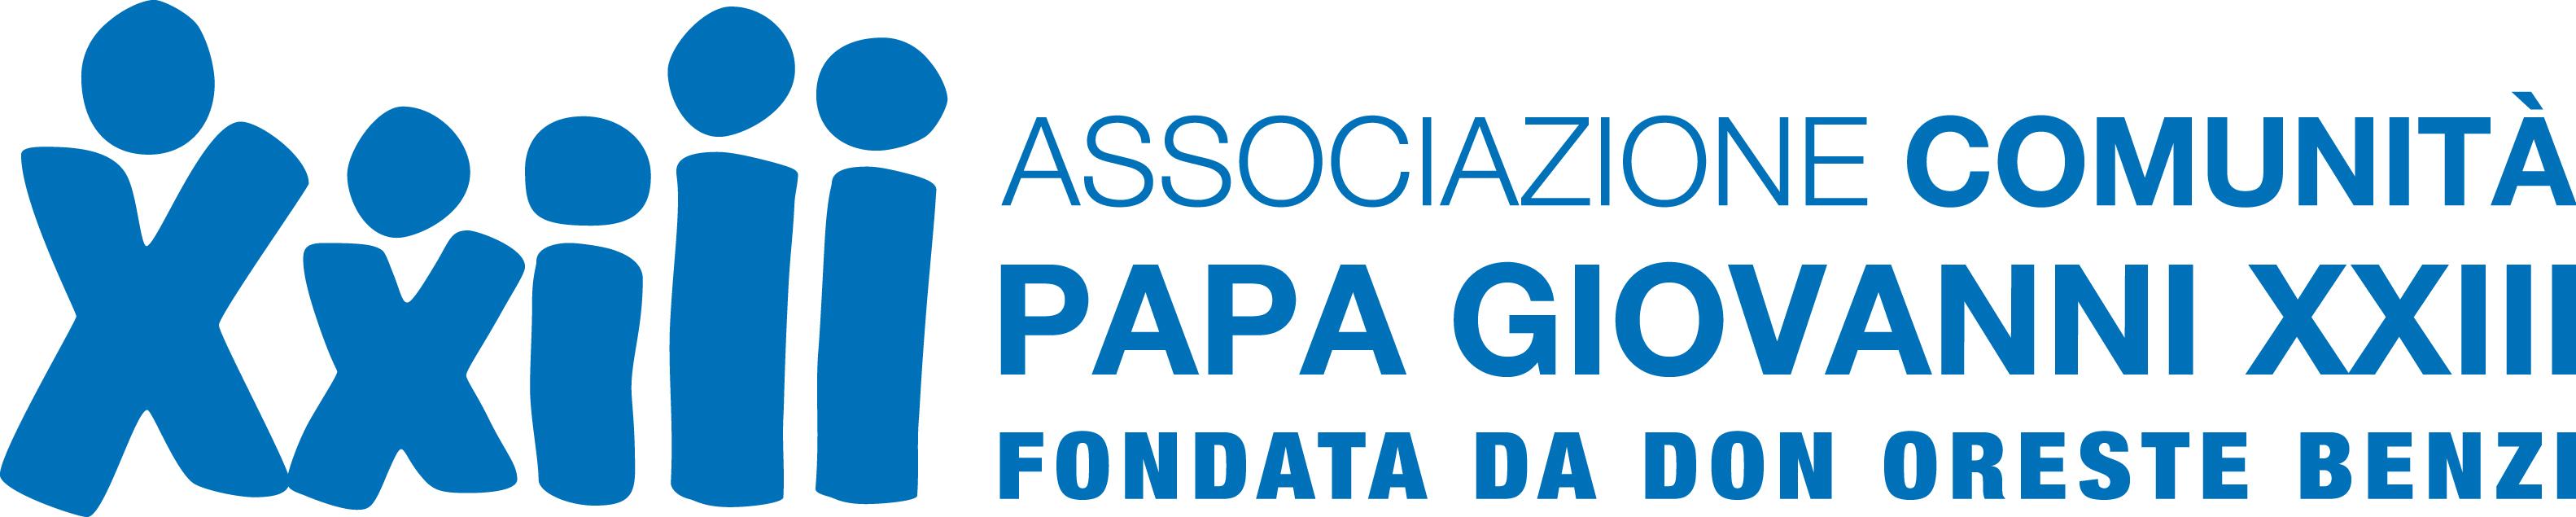 Comunicato stampa dell'associazione Comunità Papa Giovanni XXIII